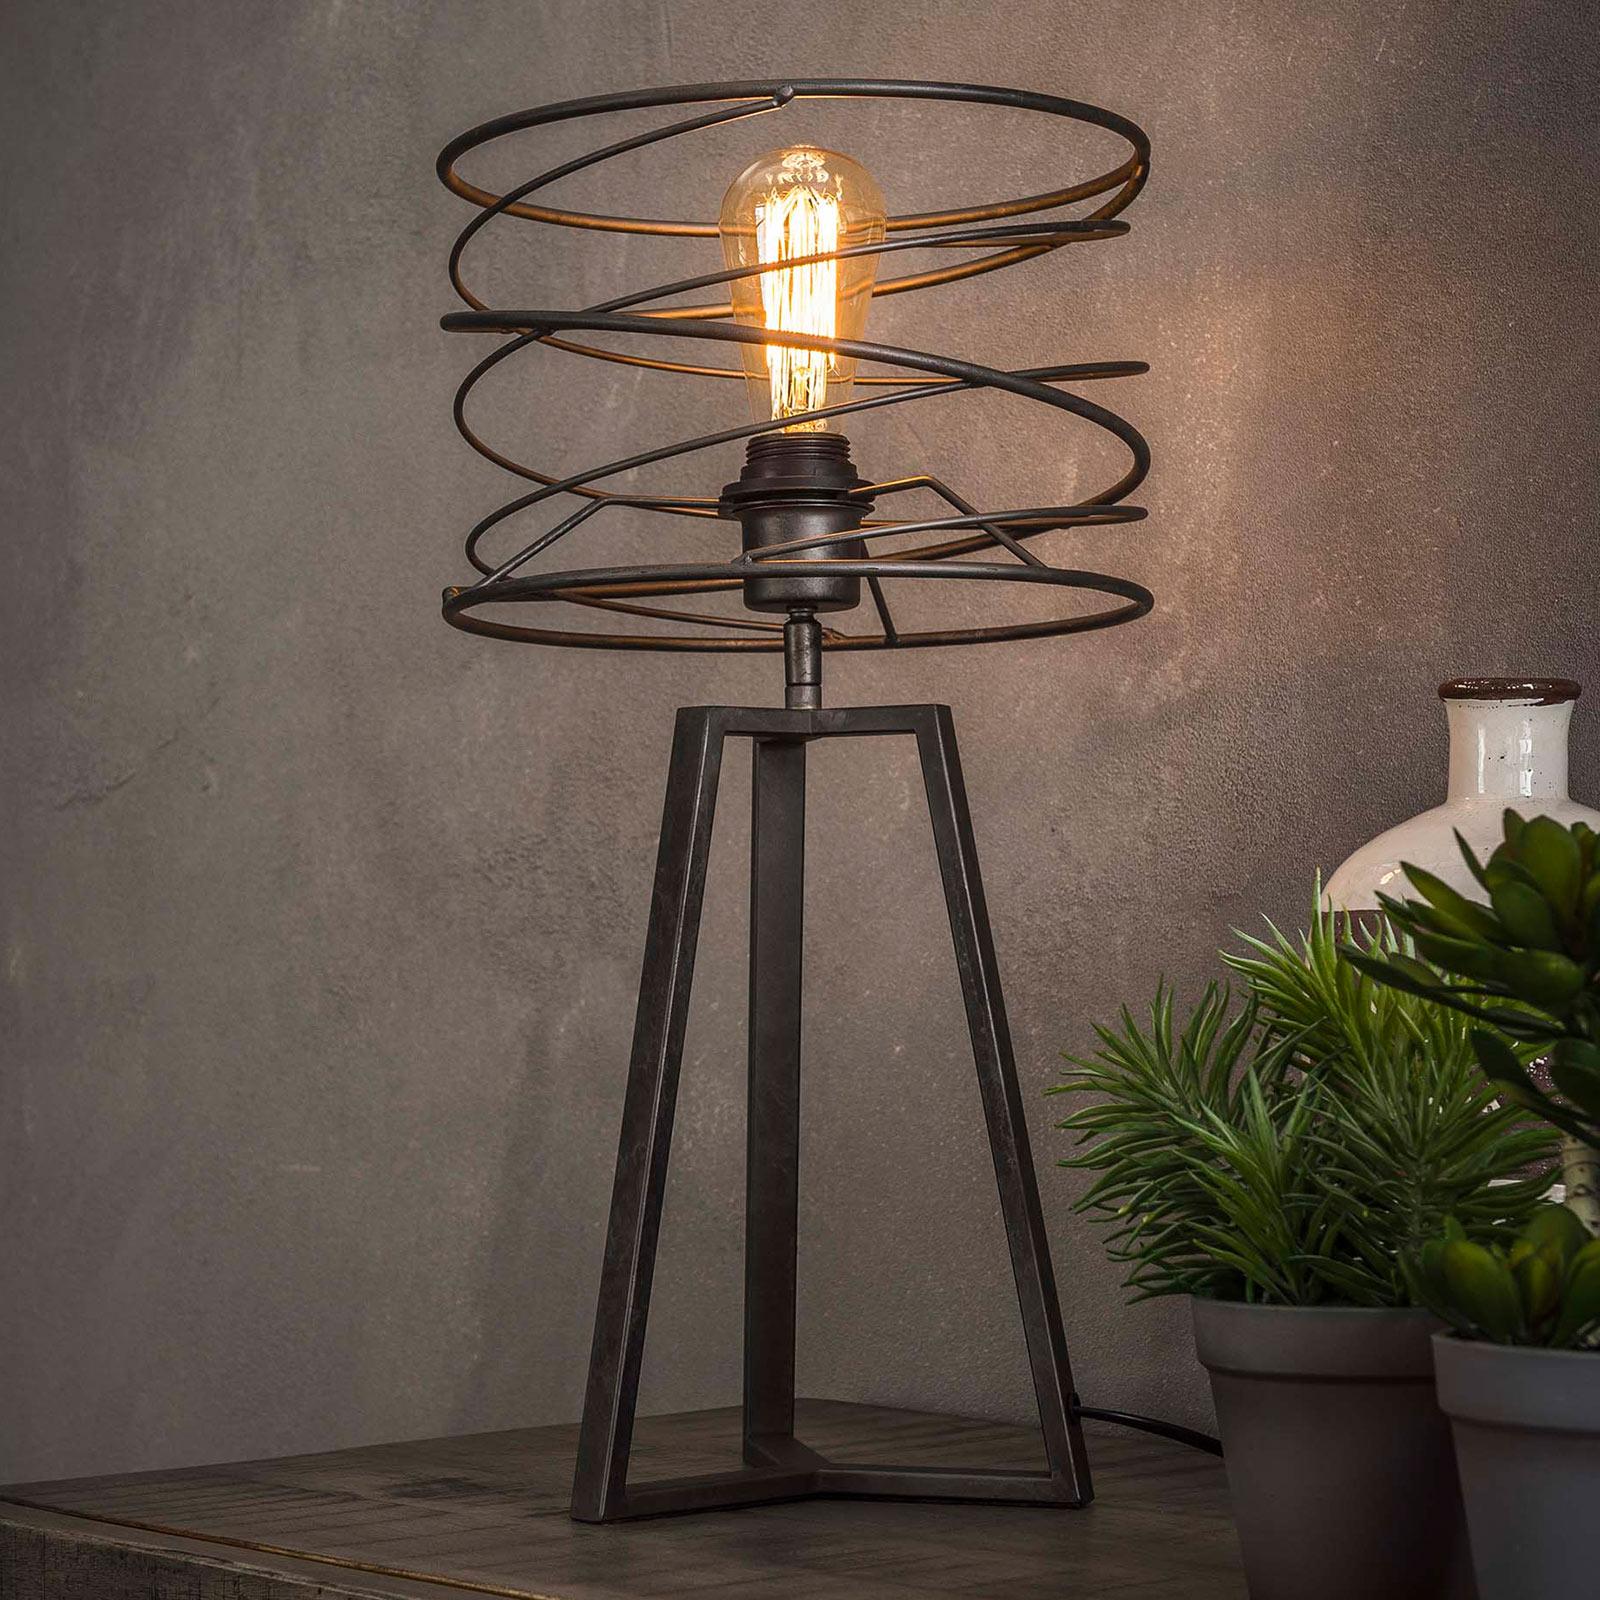 Pöytälamppu Swirlaronda, 1-lamppuinen